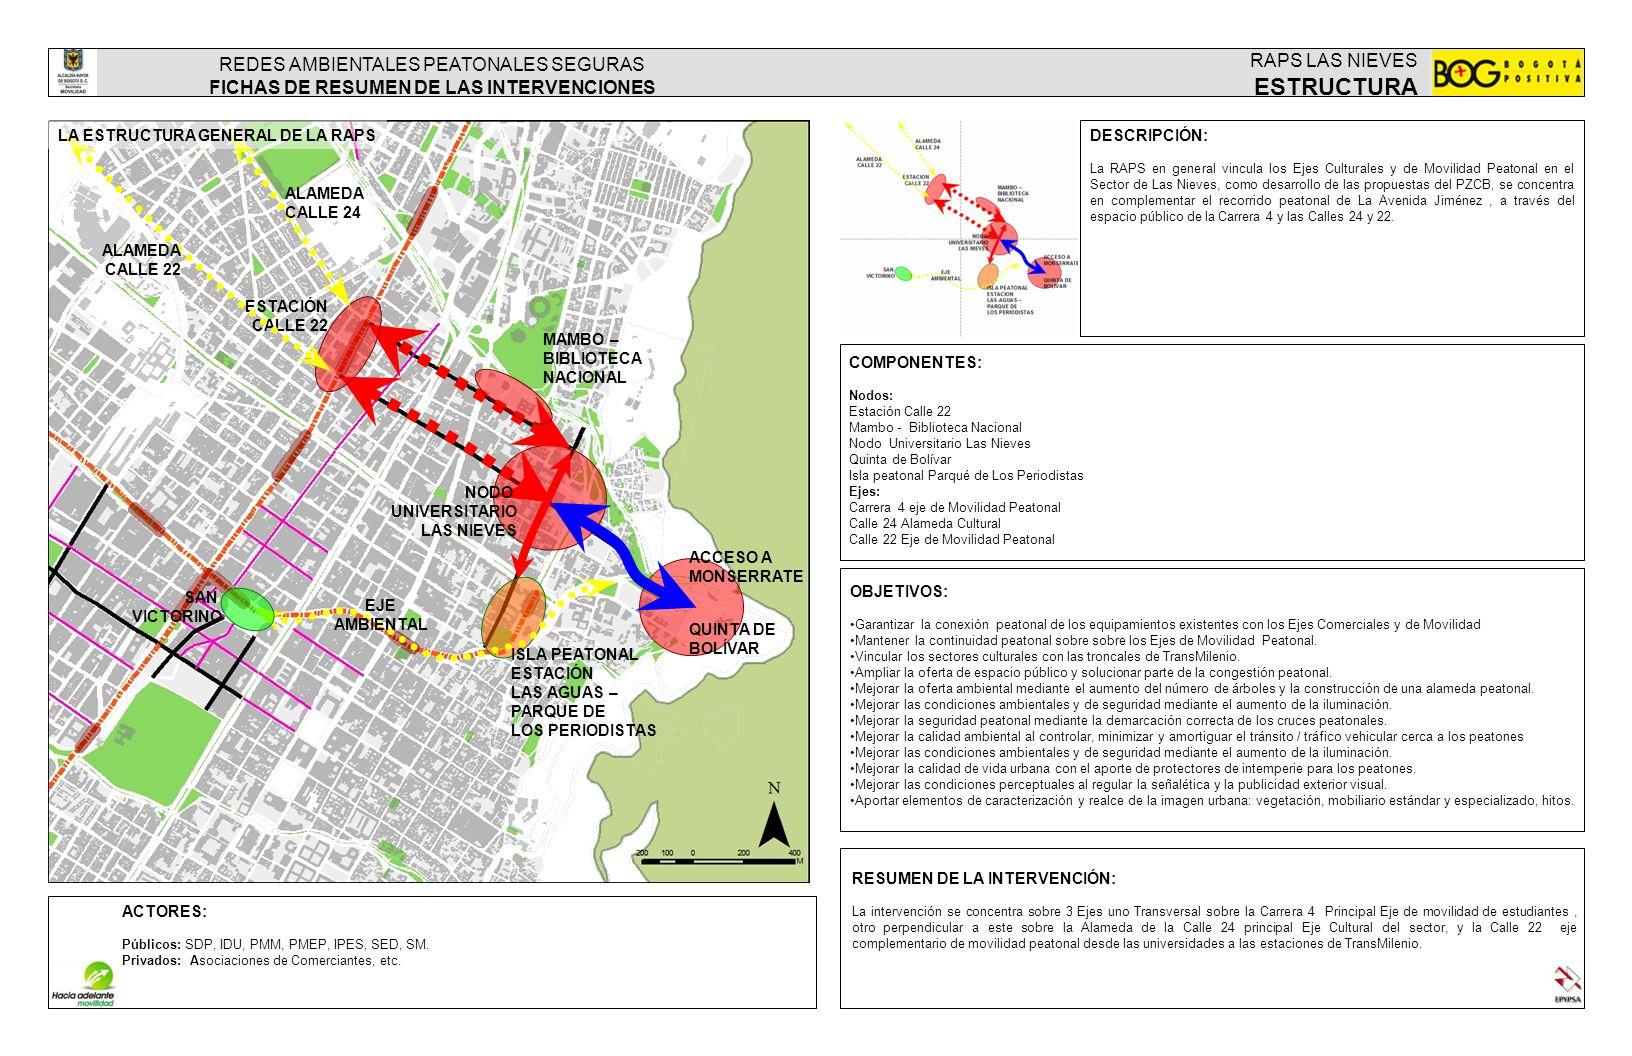 REDES AMBIENTALES PEATONALES SEGURAS FICHAS DE RESUMEN DE LAS INTERVENCIONES RAPS LAS NIEVES TRAMOS TRAMO 93C CALLE 22 Corresponde a la Calle 22 entre Avenida Caracas y Carrera 3, es un Eje de Movilidad Peatonal que vincula el Nodo universitario de Las Nieves, ccn la Estación de la Calle 22 en la Avenida Caracas y la futura Estación Calle 3 sobre la Troncal Calle 26.